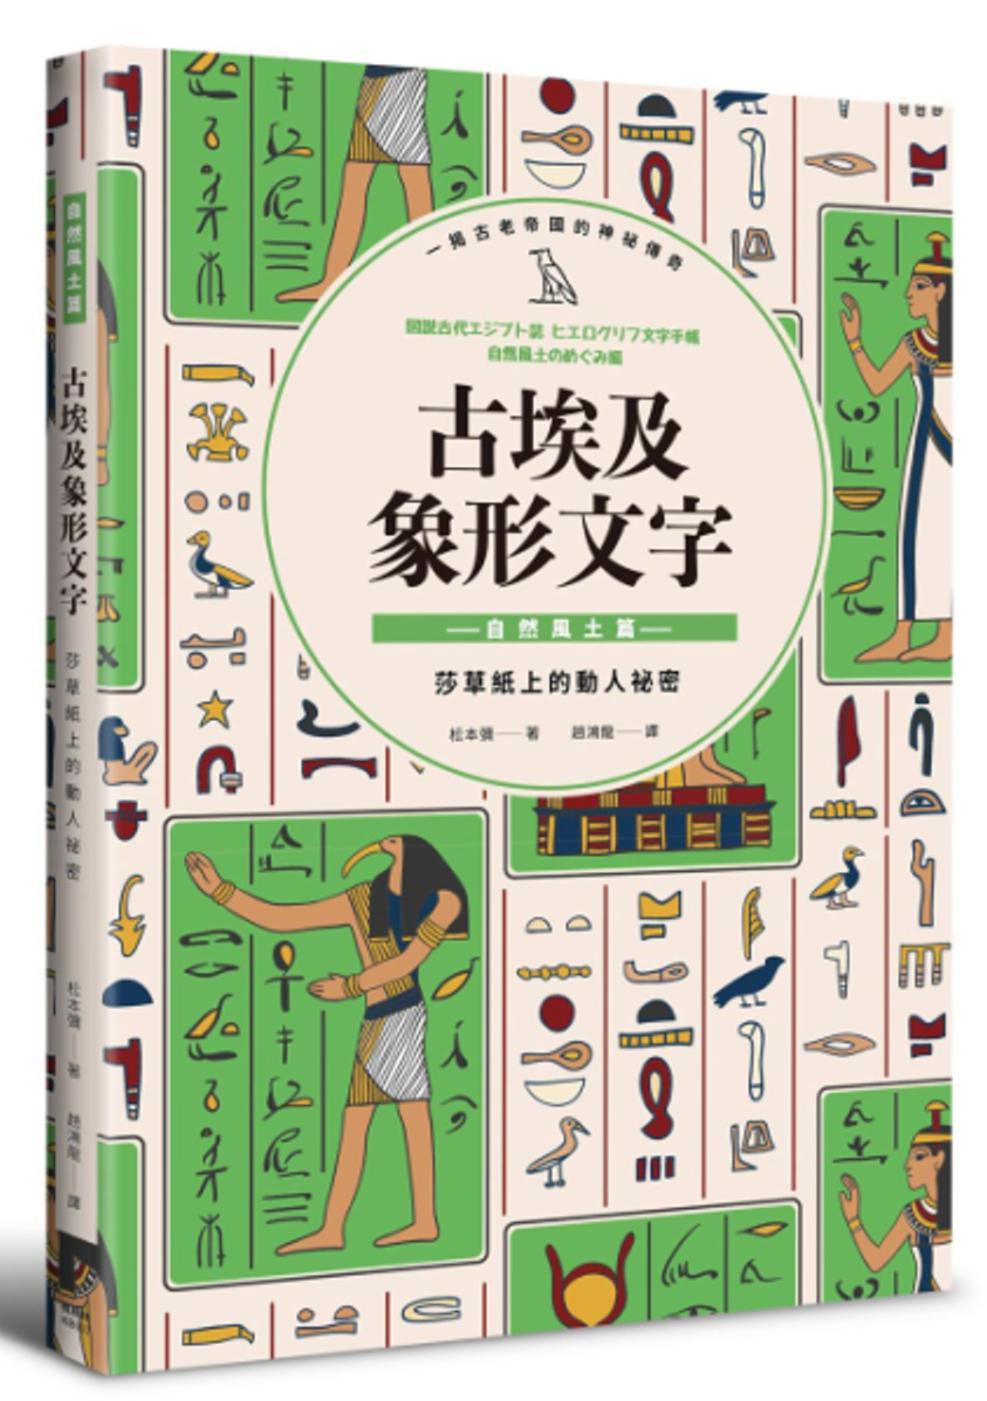 ◤博客來BOOKS◢ 暢銷書榜《推薦》古埃及象形文字 自然風土篇